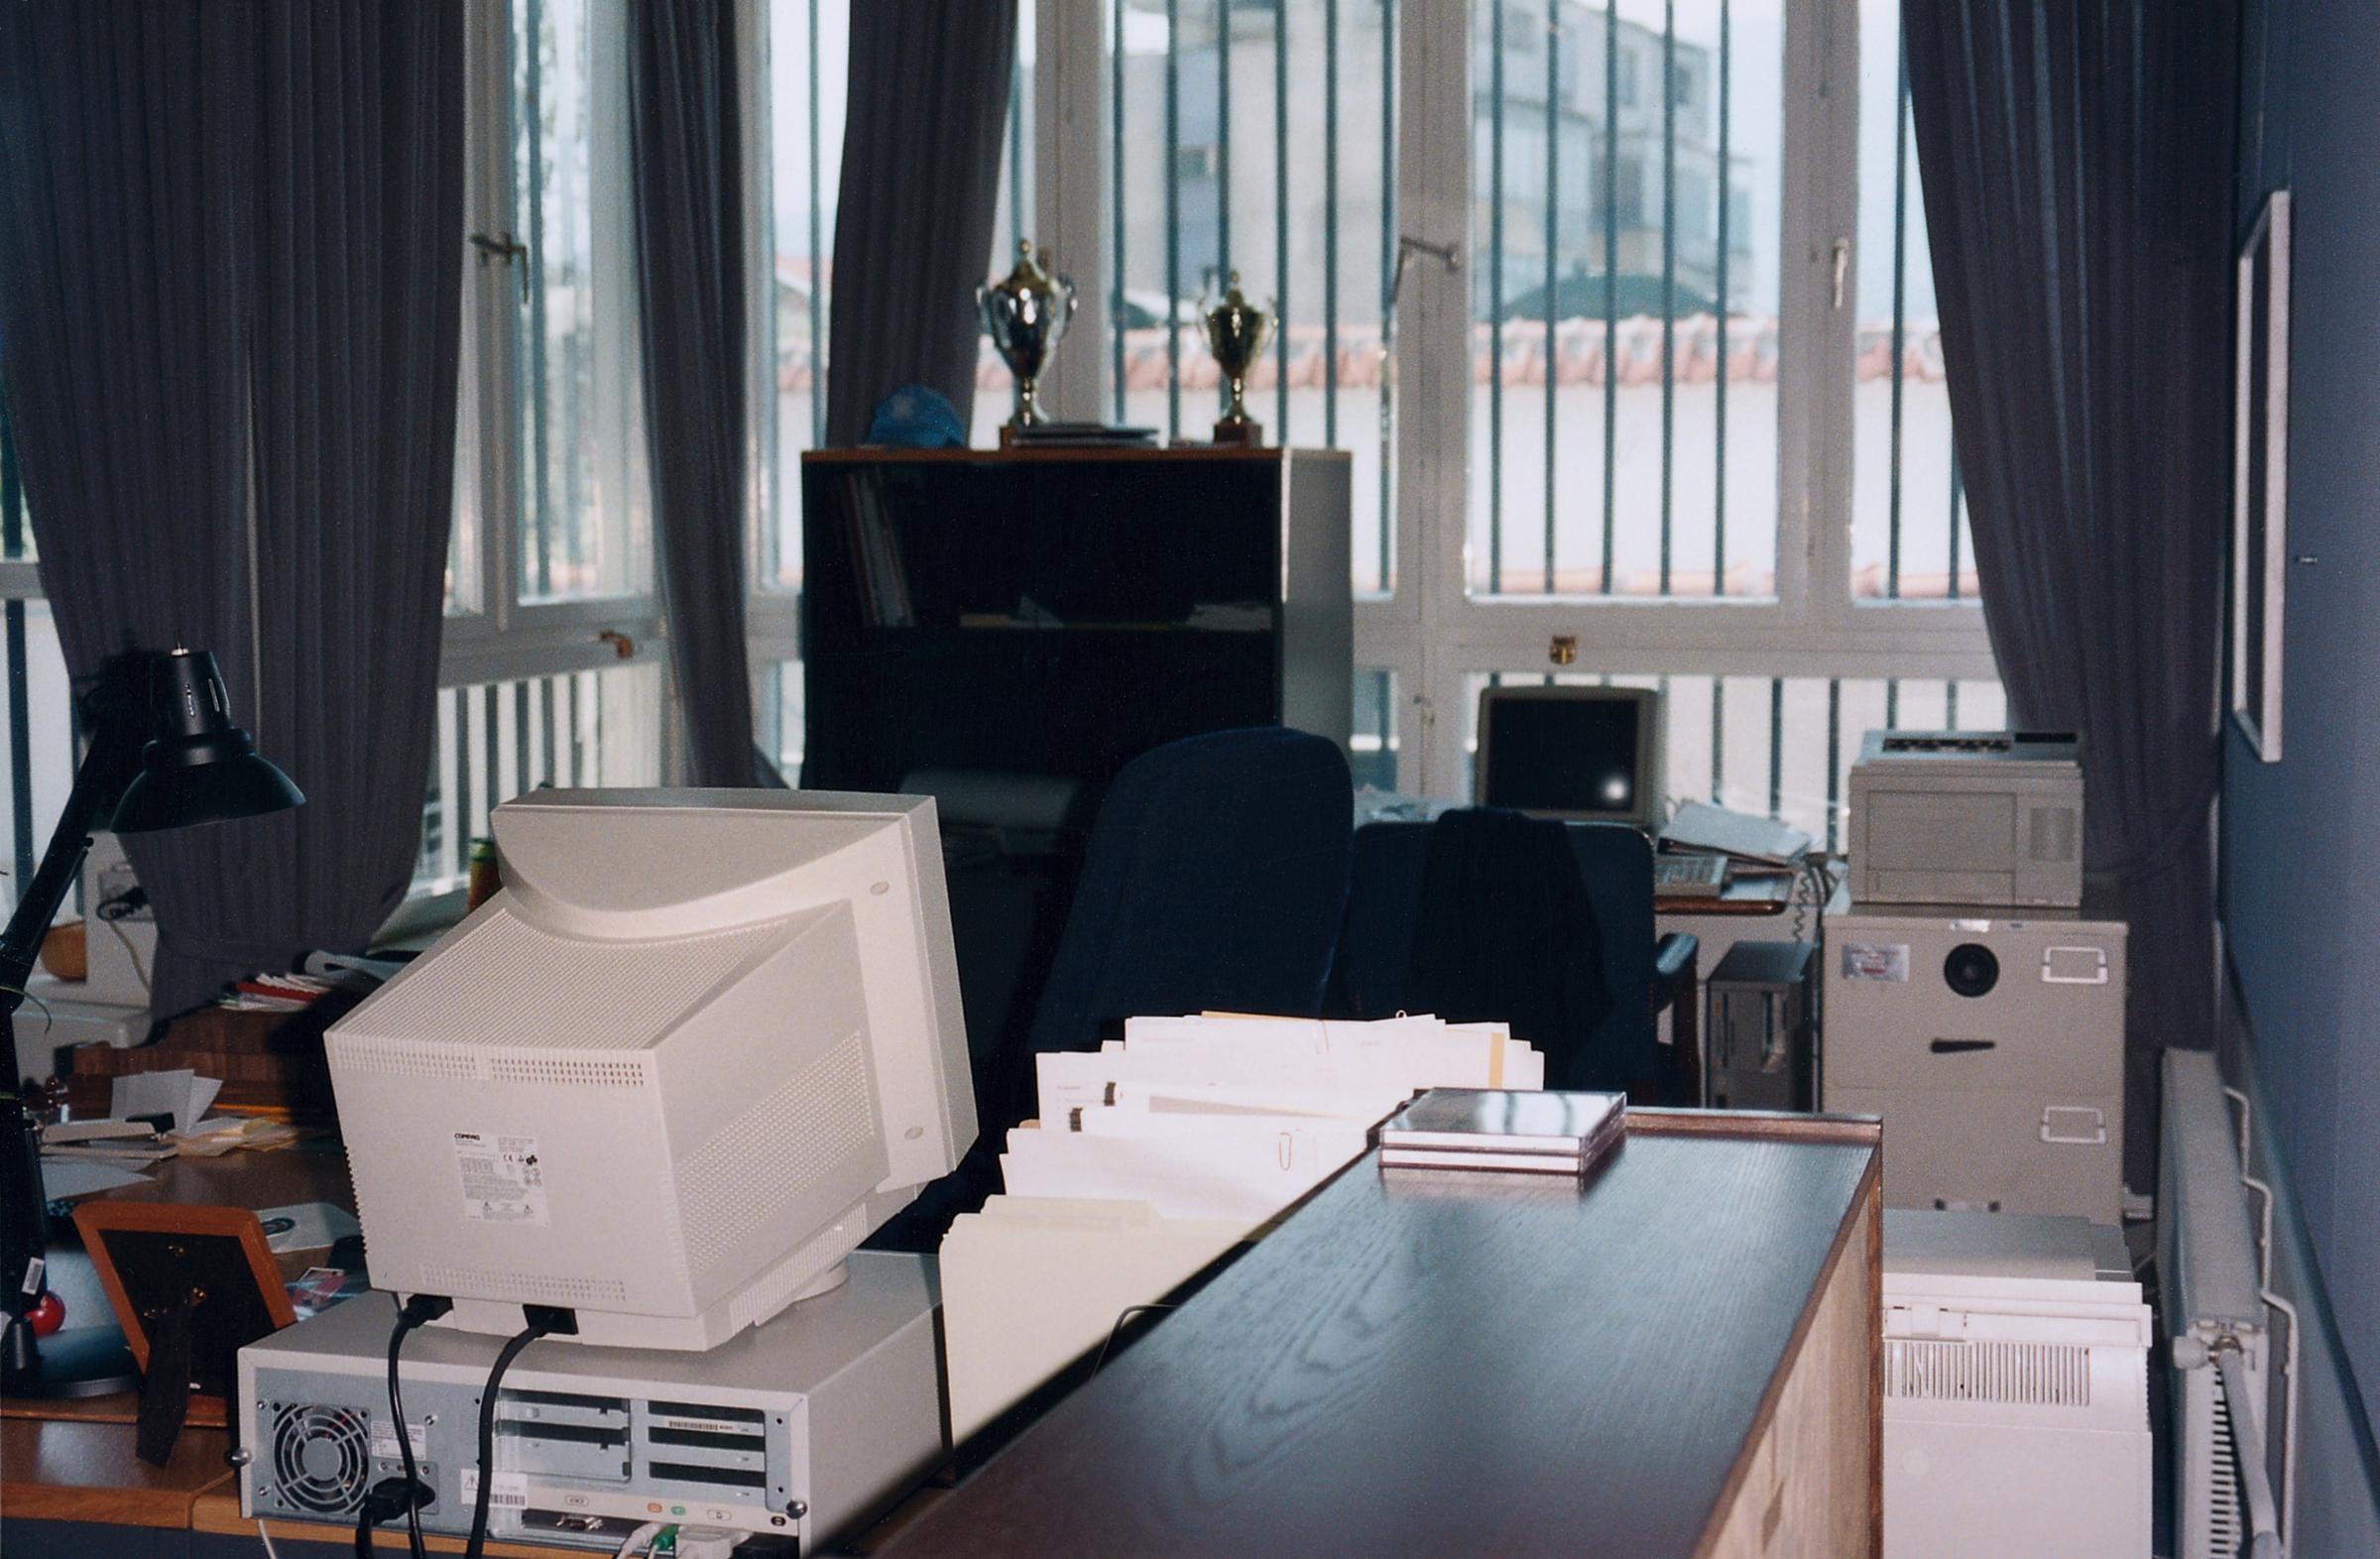 Skopje - Chancery Office Building